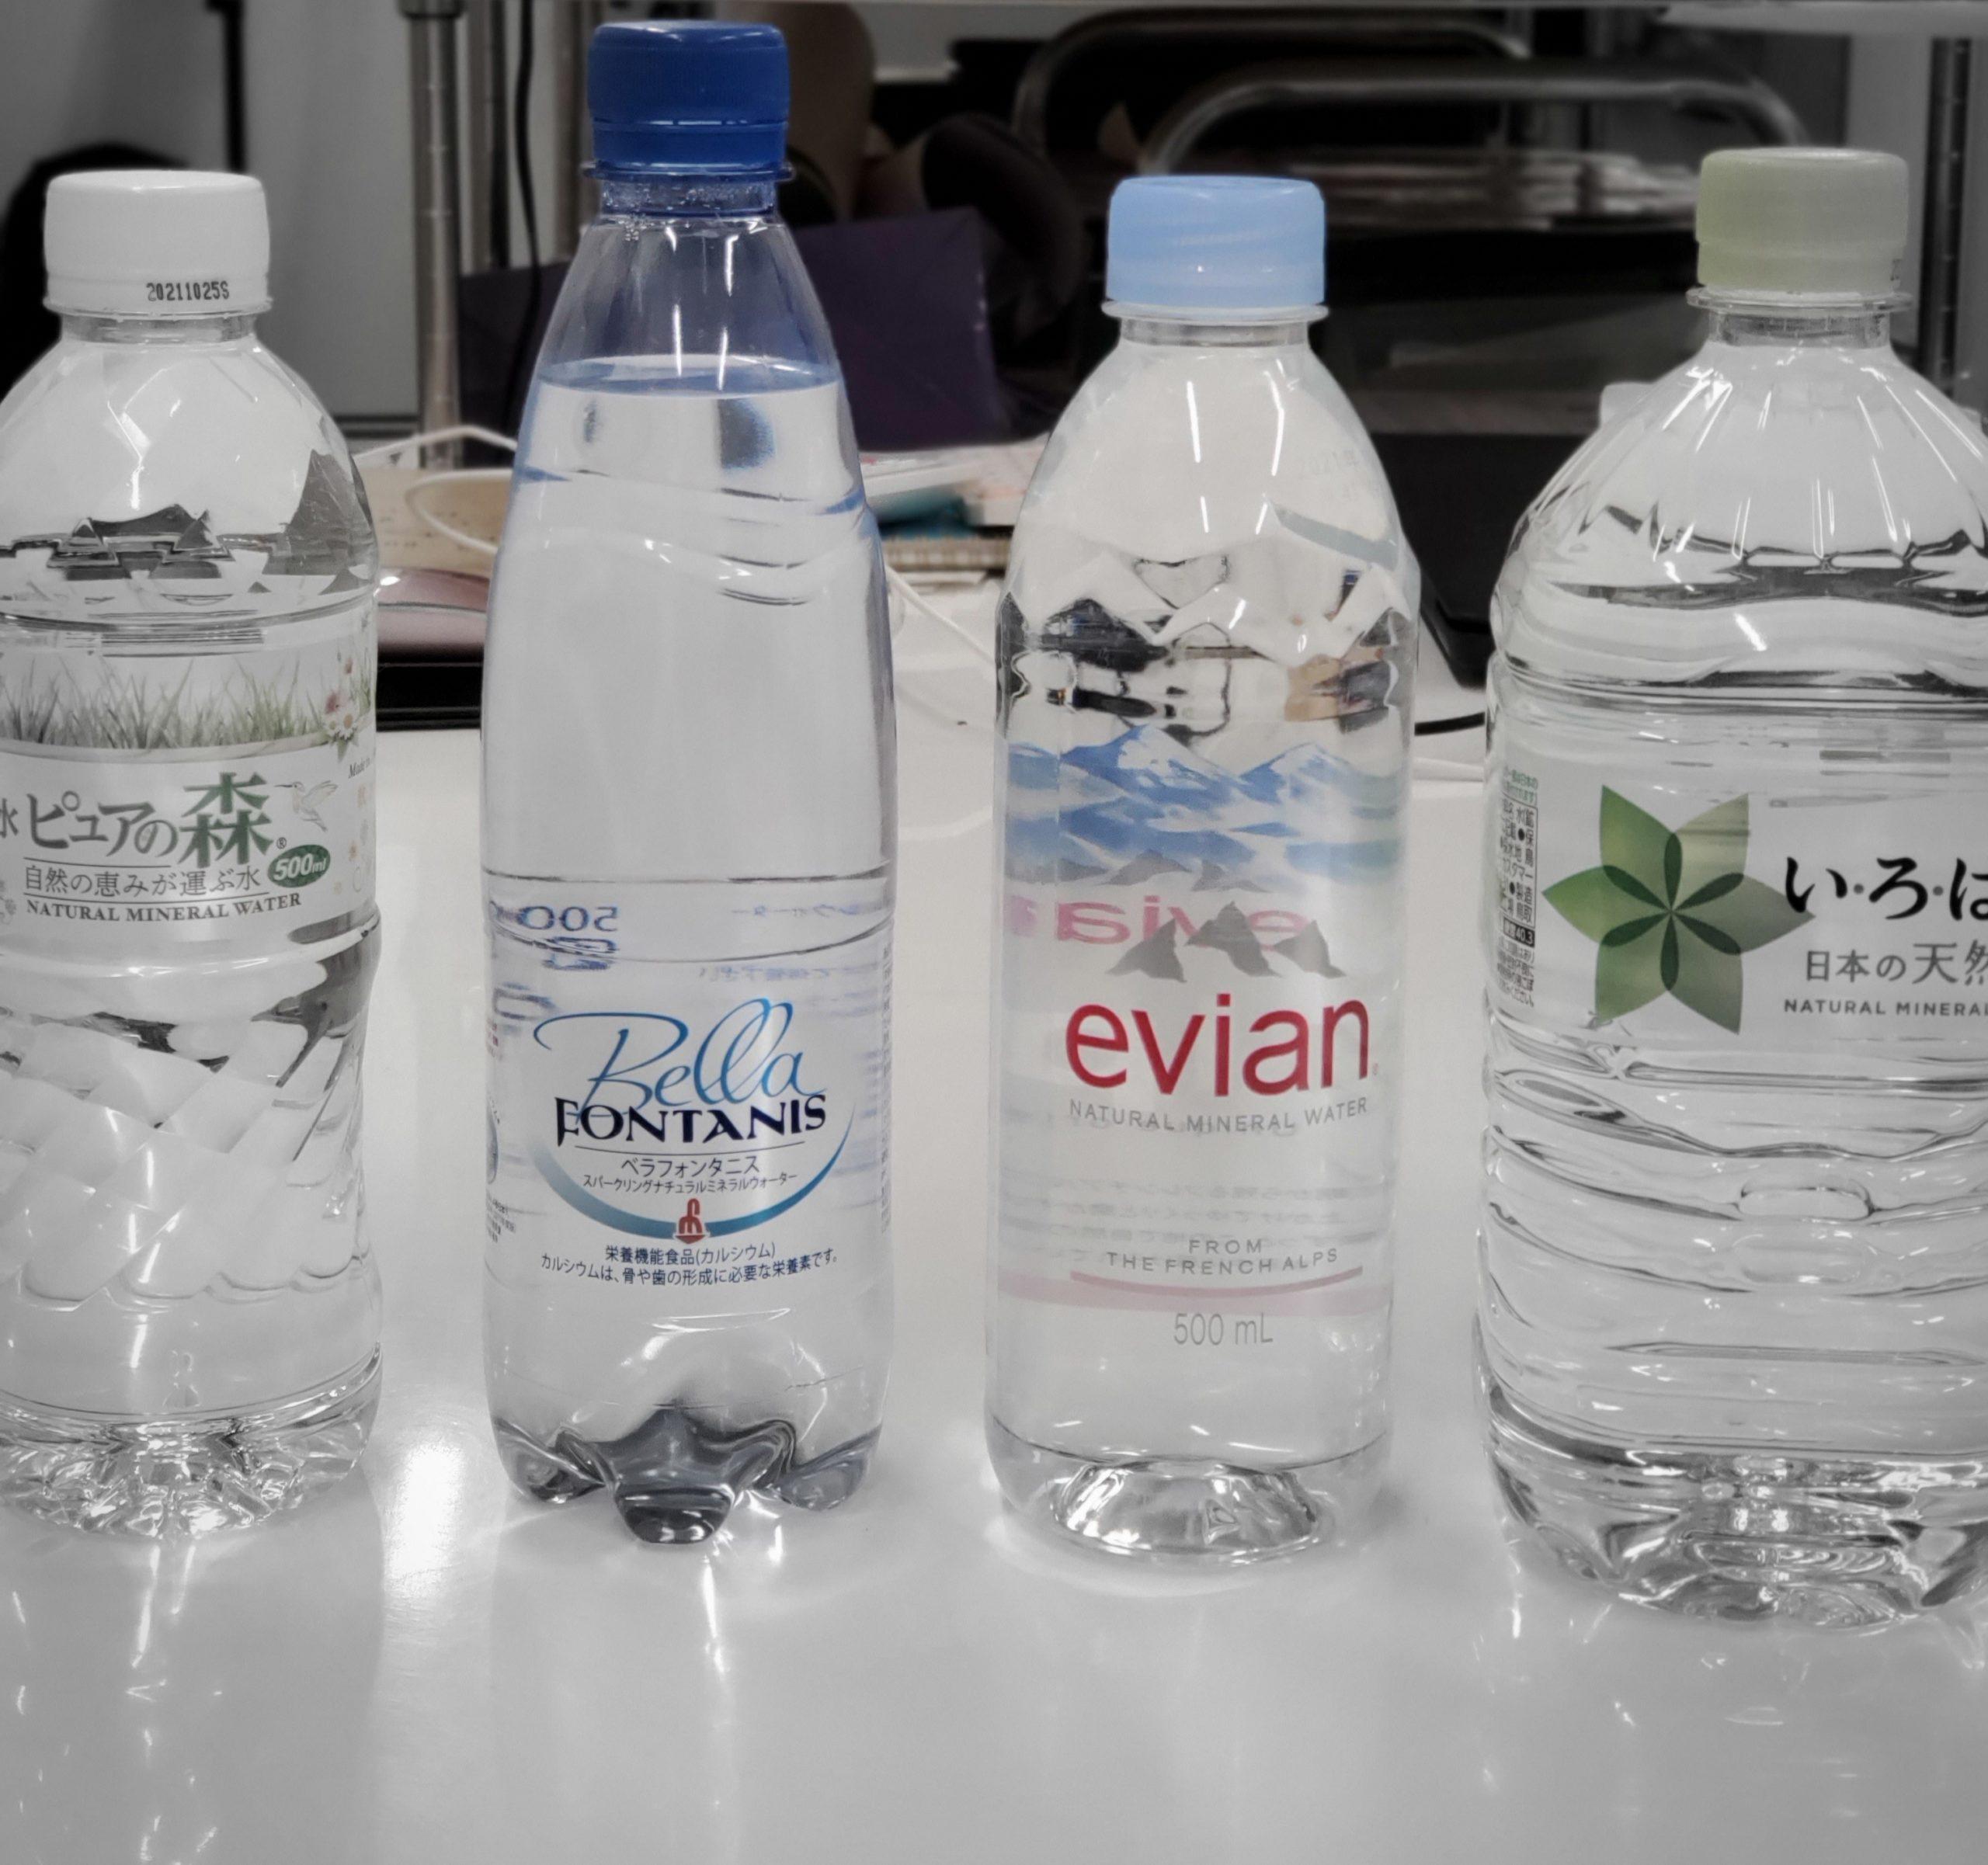 しっかり水分補給して身体をメンテナンス